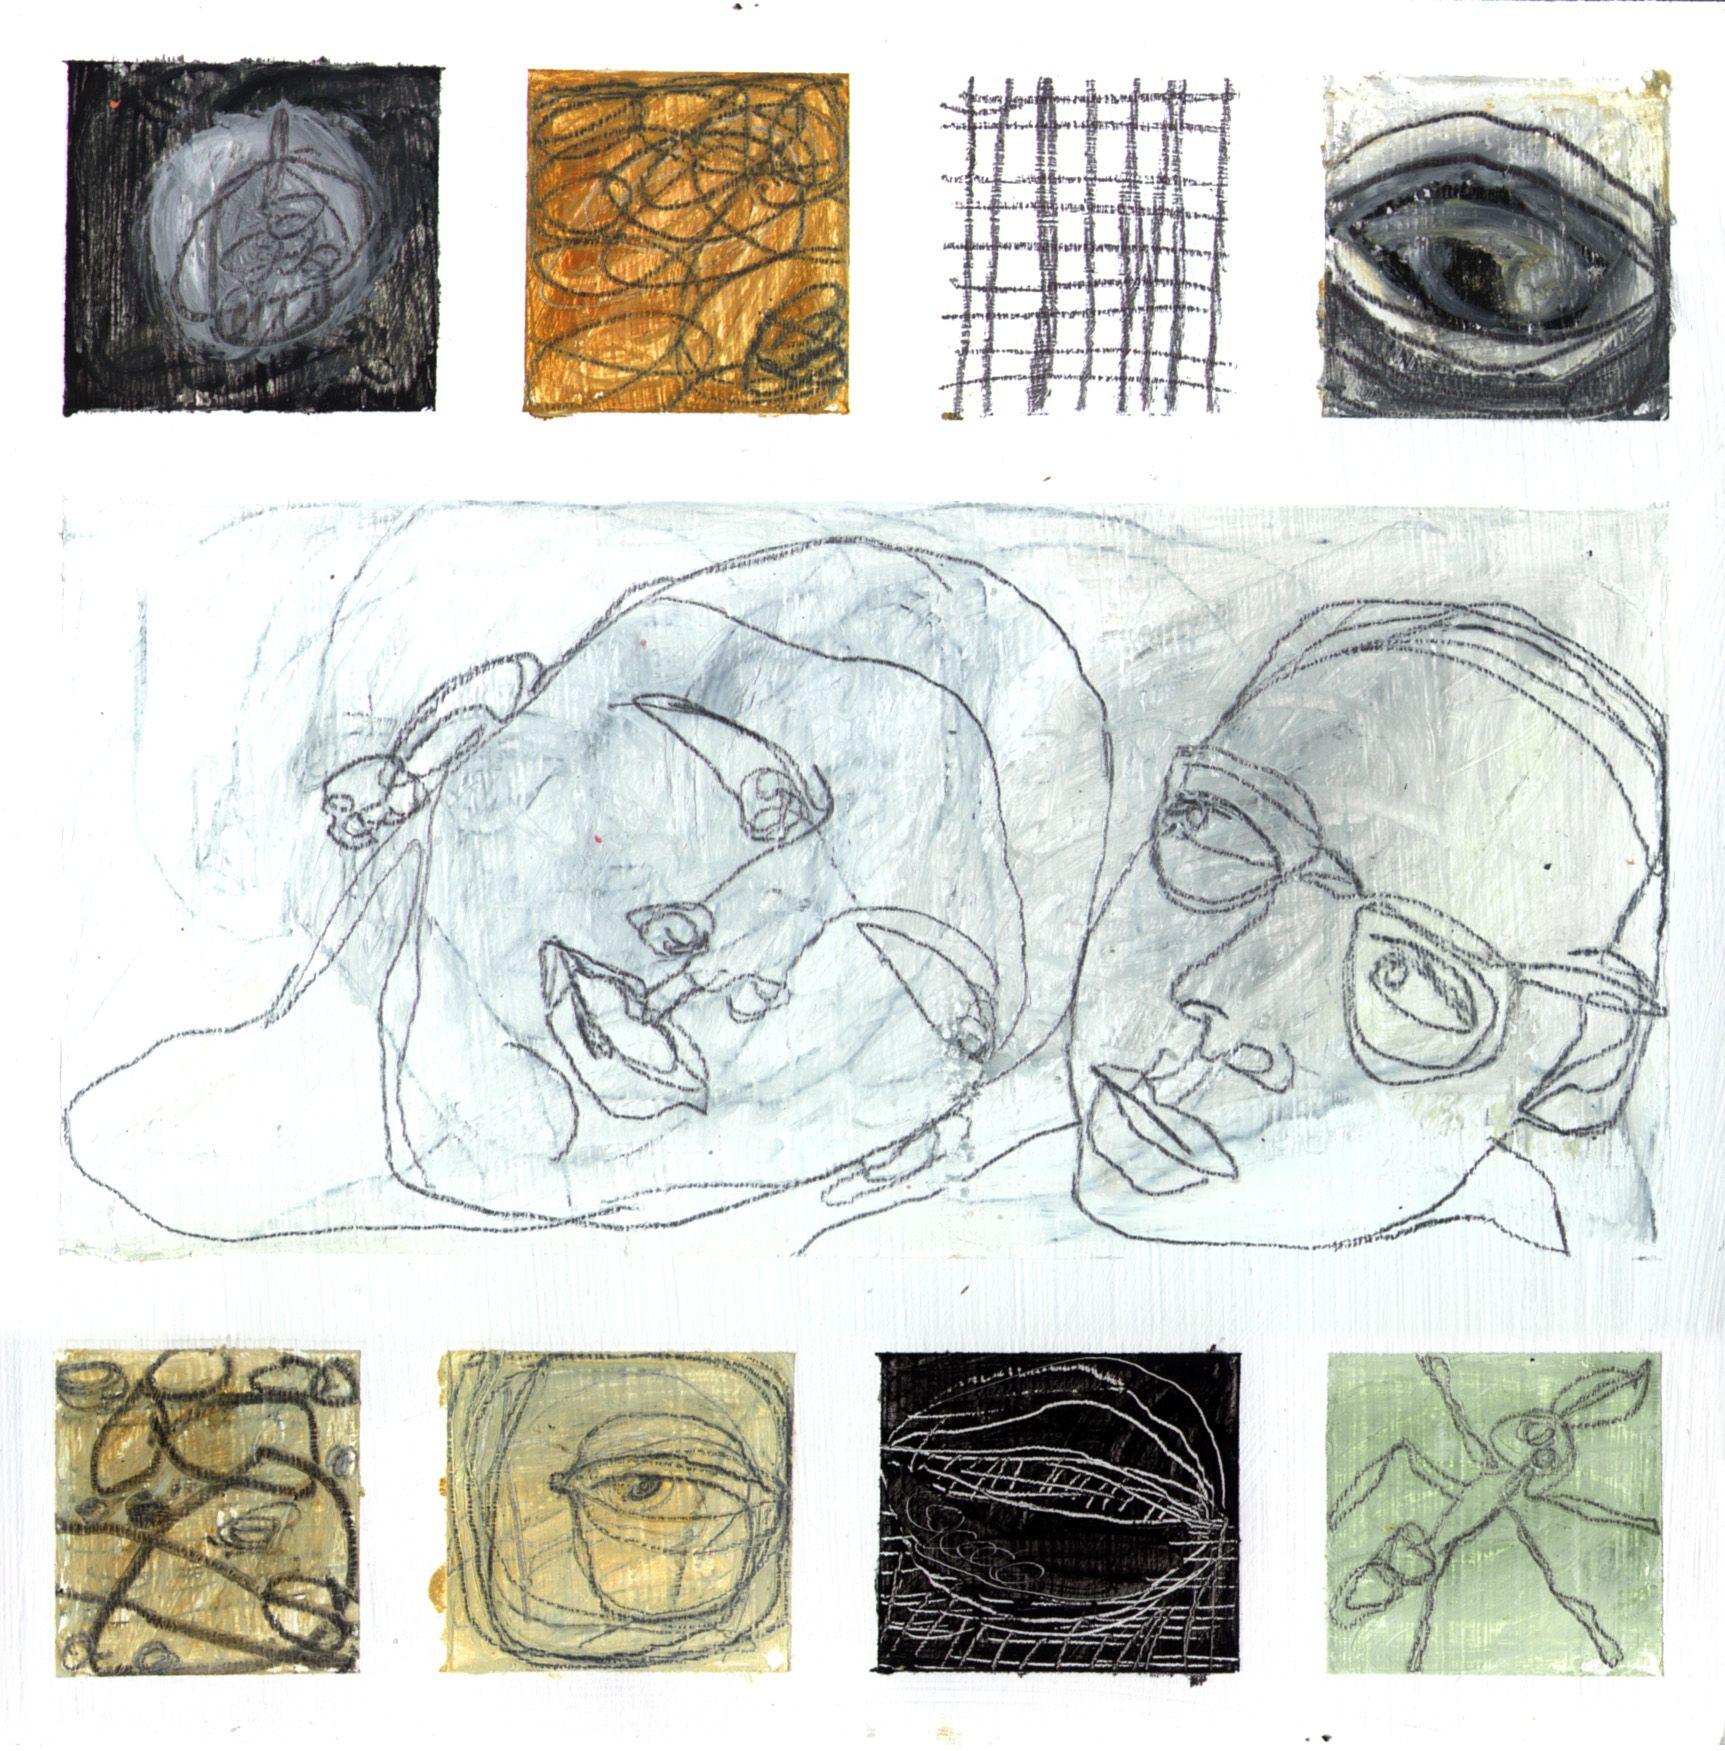 Deborah Putnoi Mixed Media On Wood Drawings Illustration Art